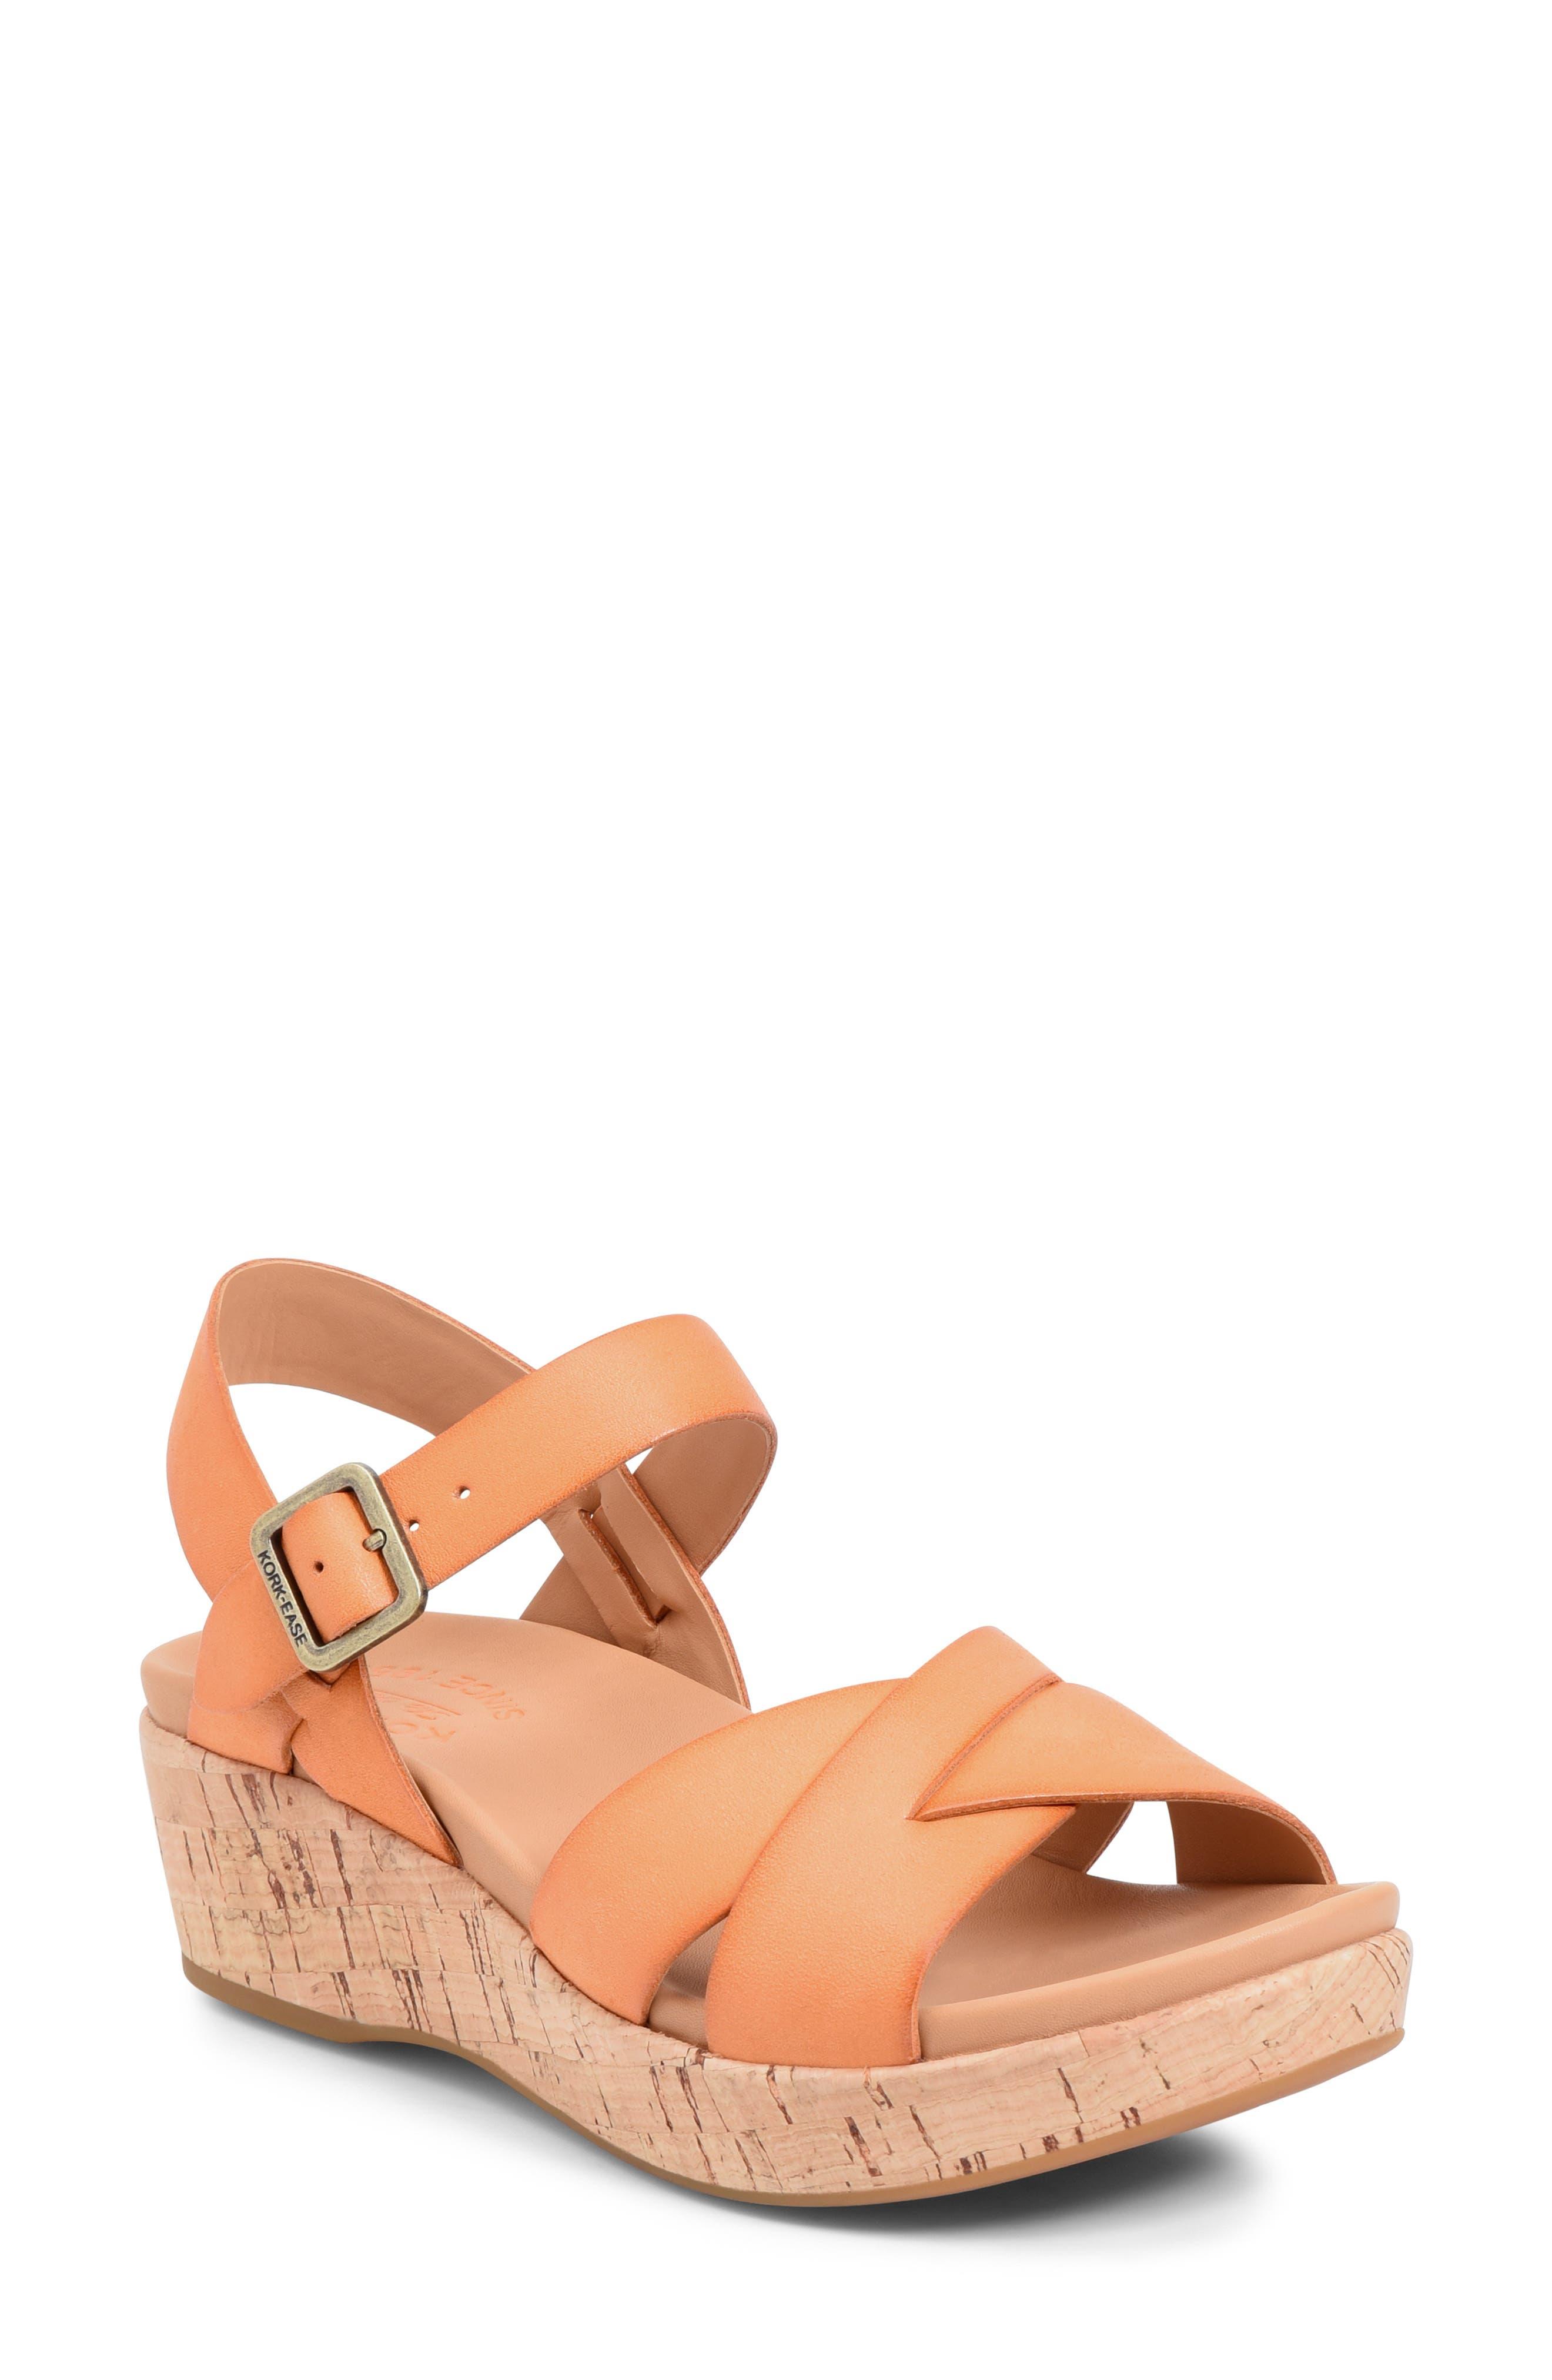 Women's Kork-Ease 'Myrna 2.0' Cork Wedge Sandal